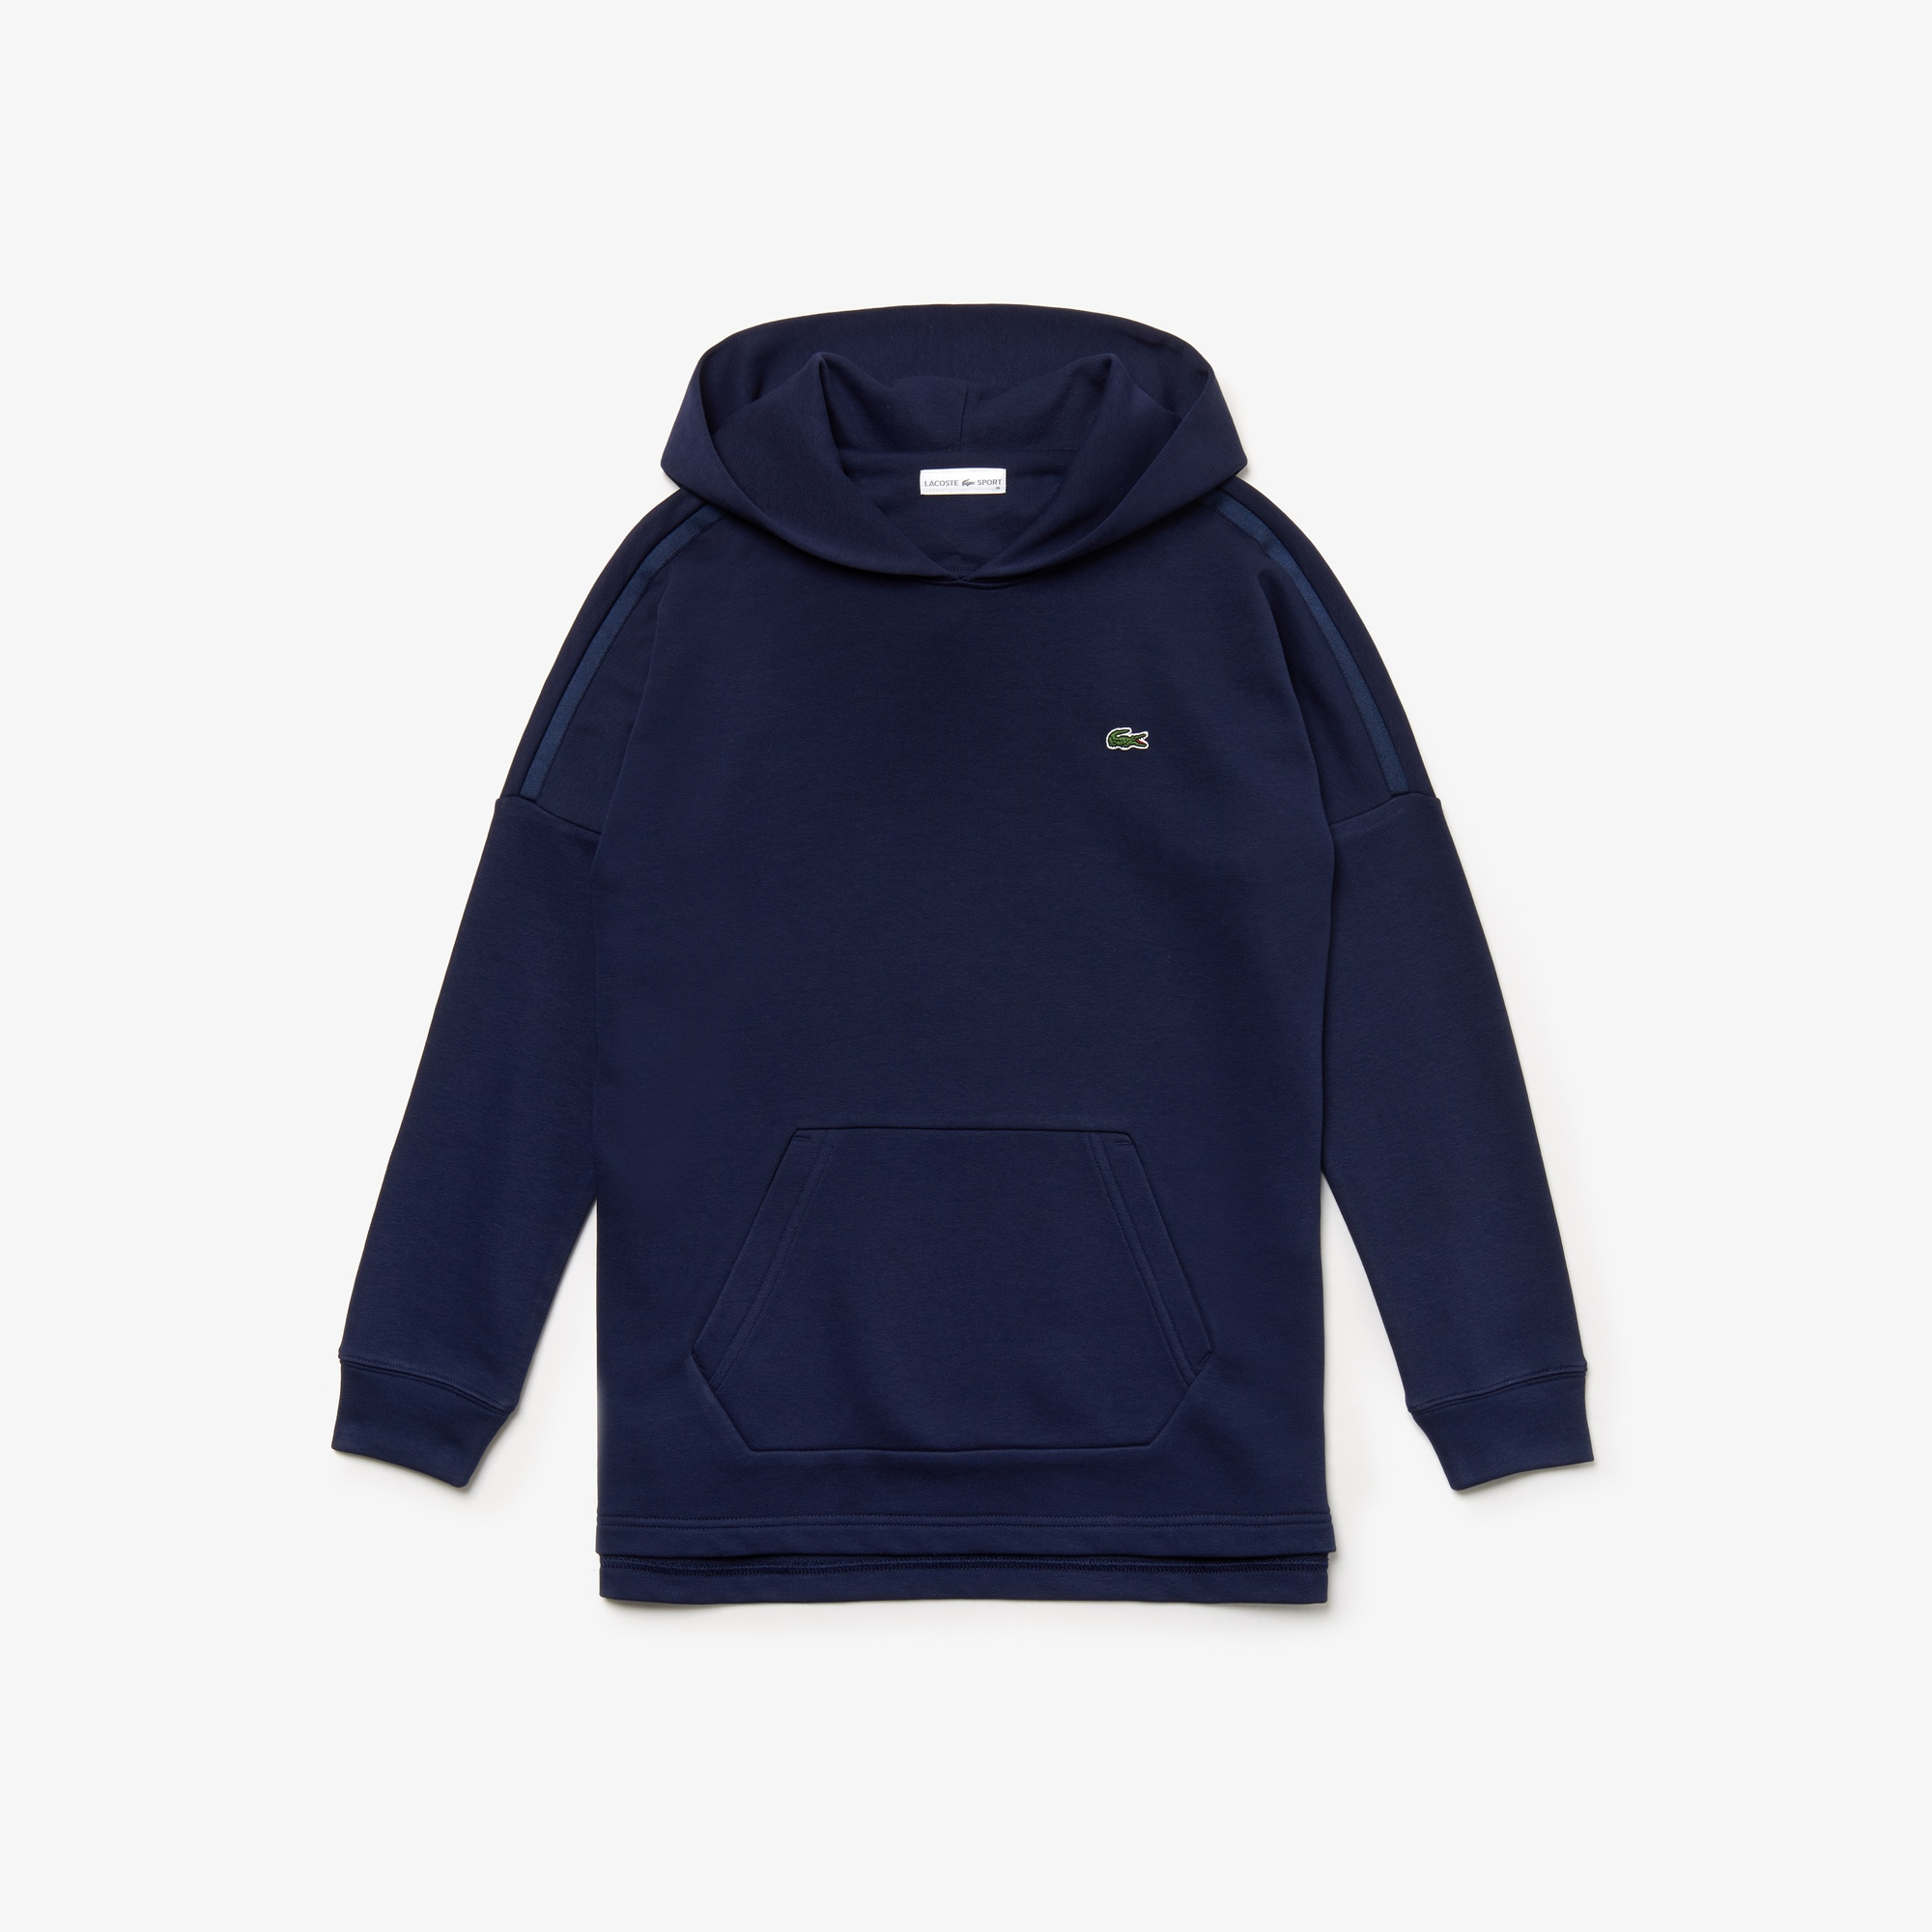 라코스테 Lacoste Womens SPORT Hooded Fleece Tennis Sweatshirt,navy blue / navy blue